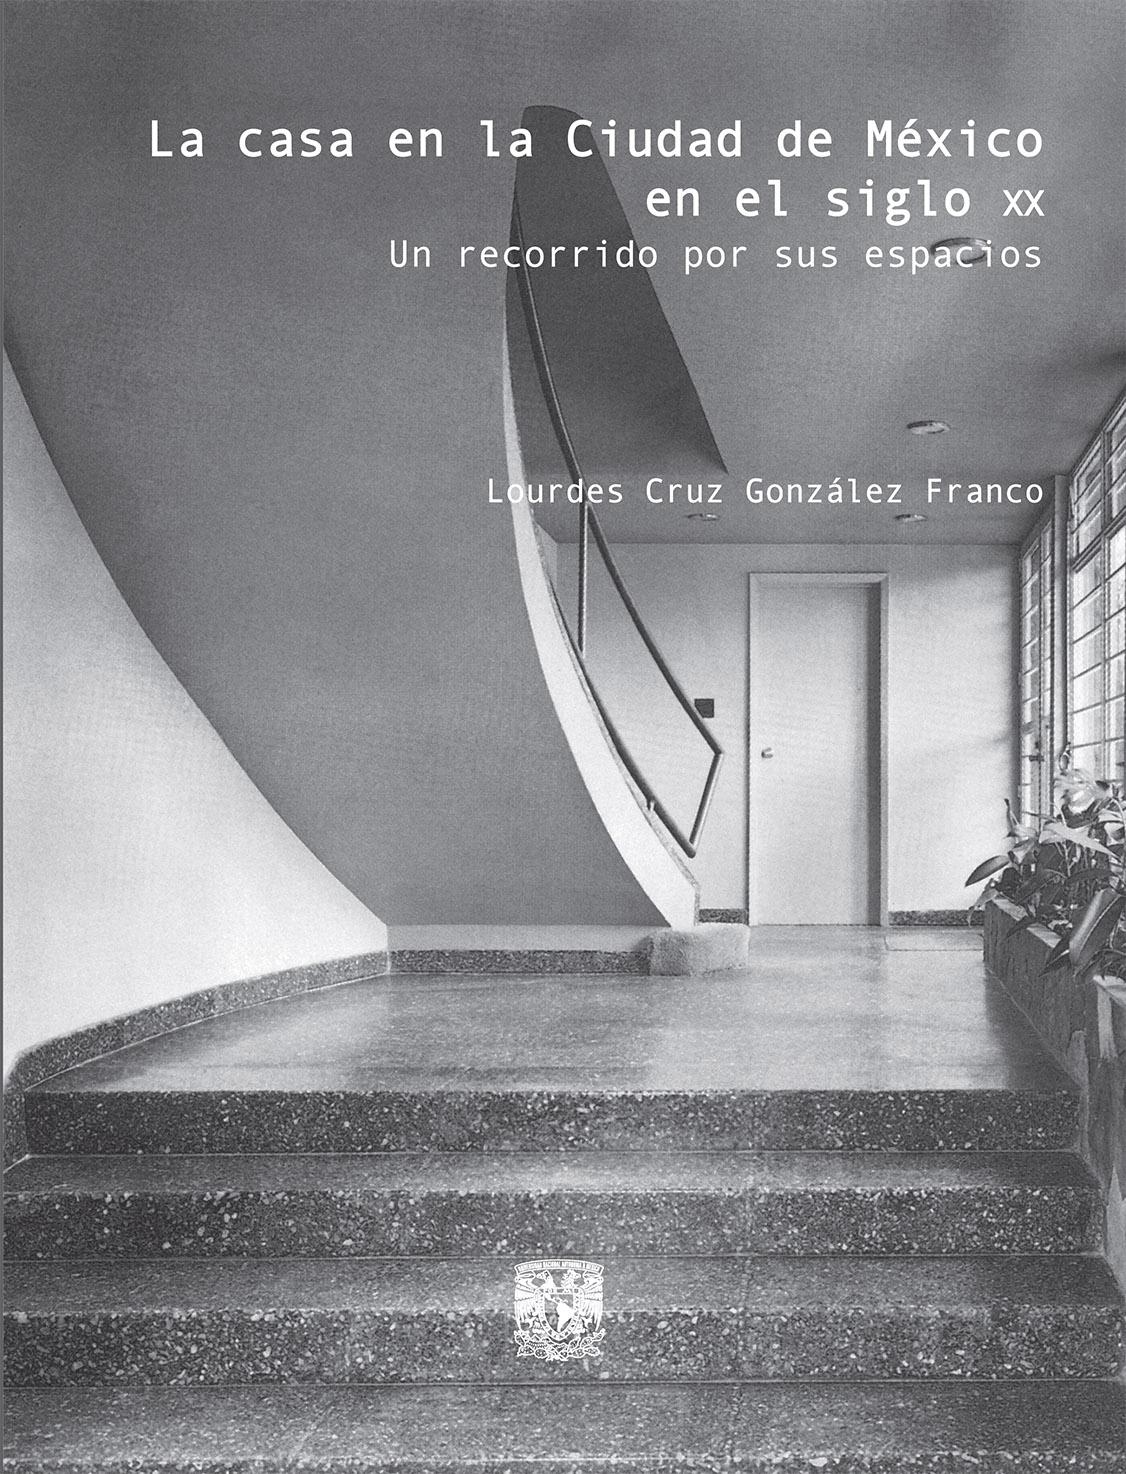 La casa en la Ciudad de México en el siglo XX. Un recorrido por sus espacios